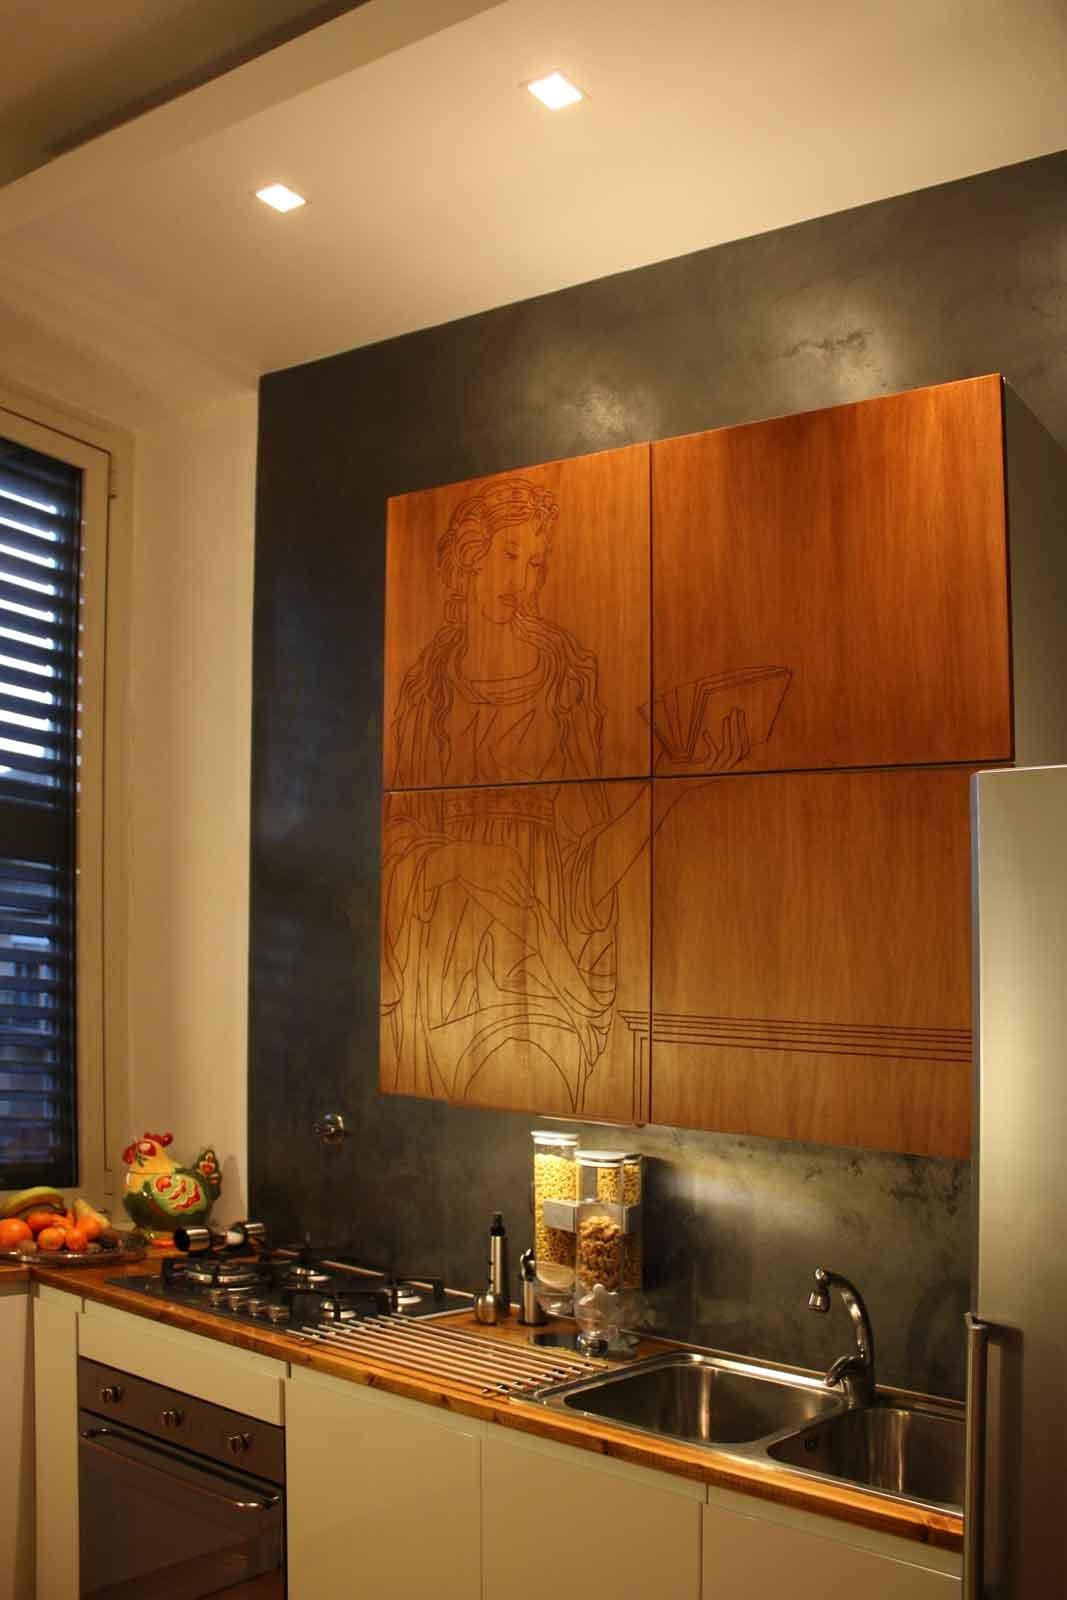 Rinnovare la cucina decorando le ante con incisione cose - Rinnovare la cucina ...